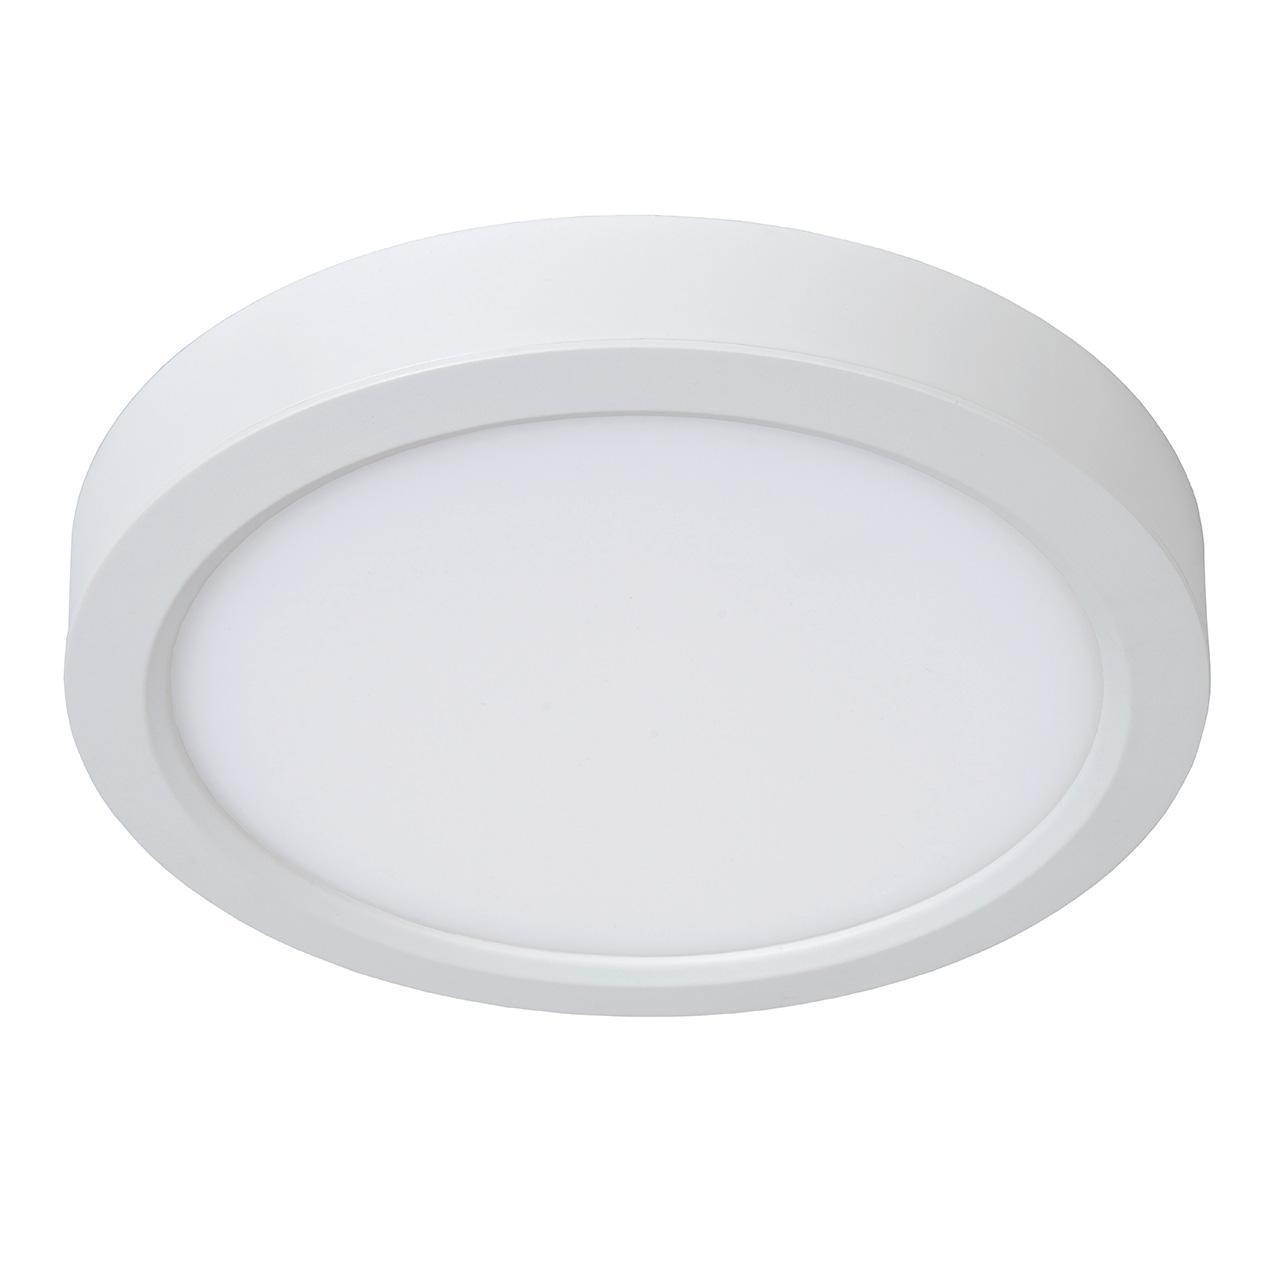 Потолочный светодиодный светильник Lucide Tendo-Led 07105/18/31 lucide встраиваемый светильник lucide tendo led 07901 06 31